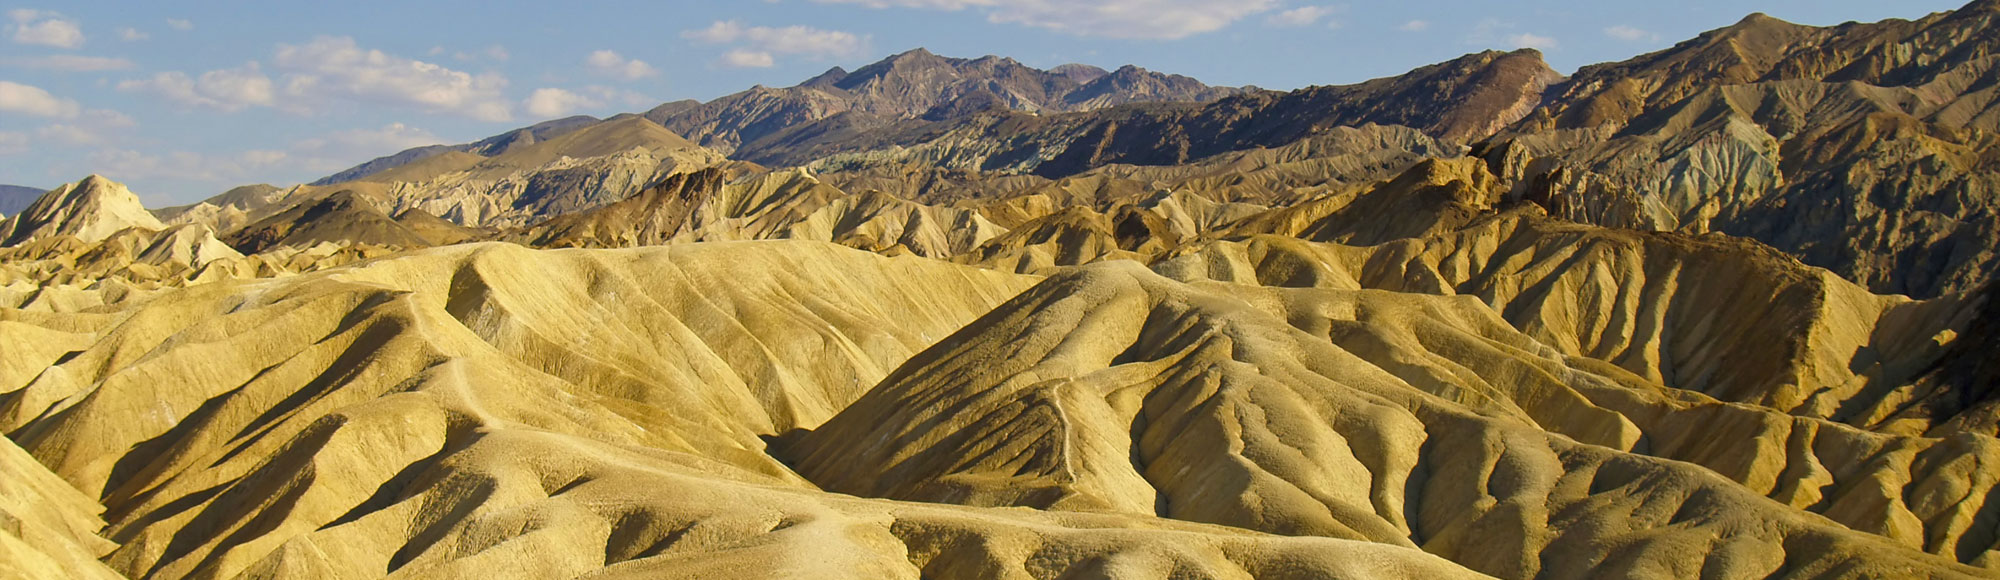 Death Valley Tour tour